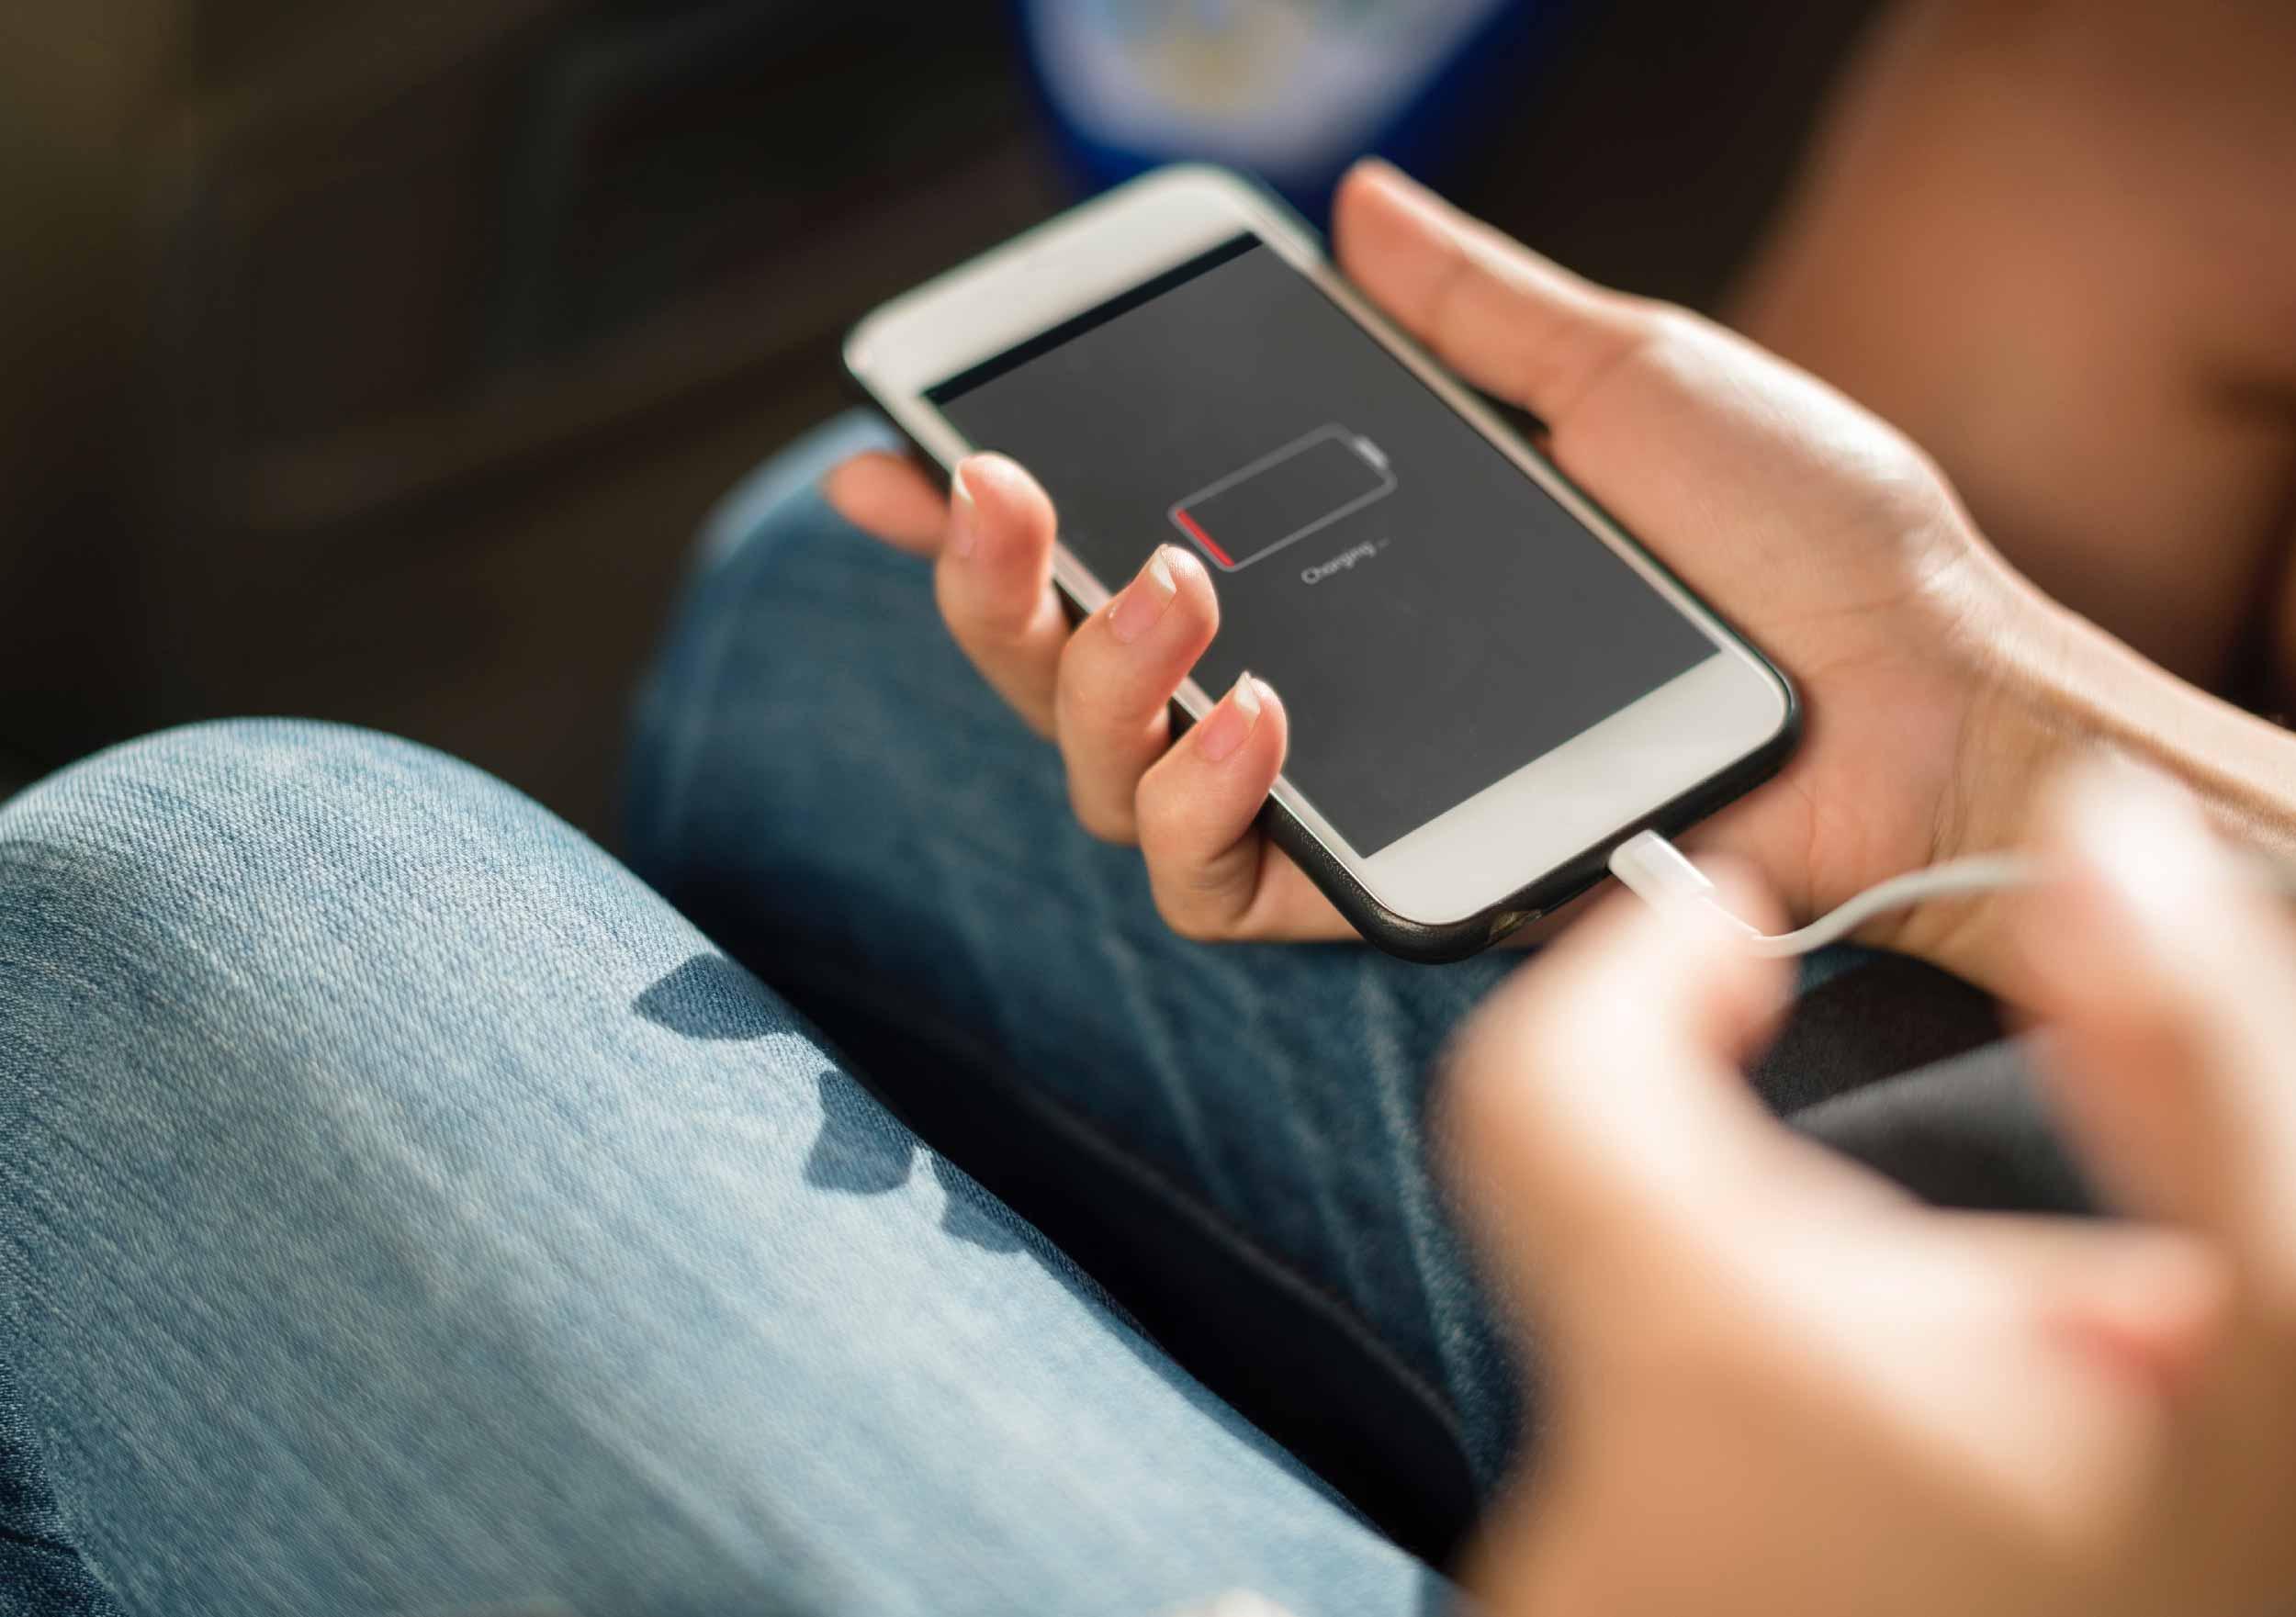 Best External Battery Packs: An In-Depth Review